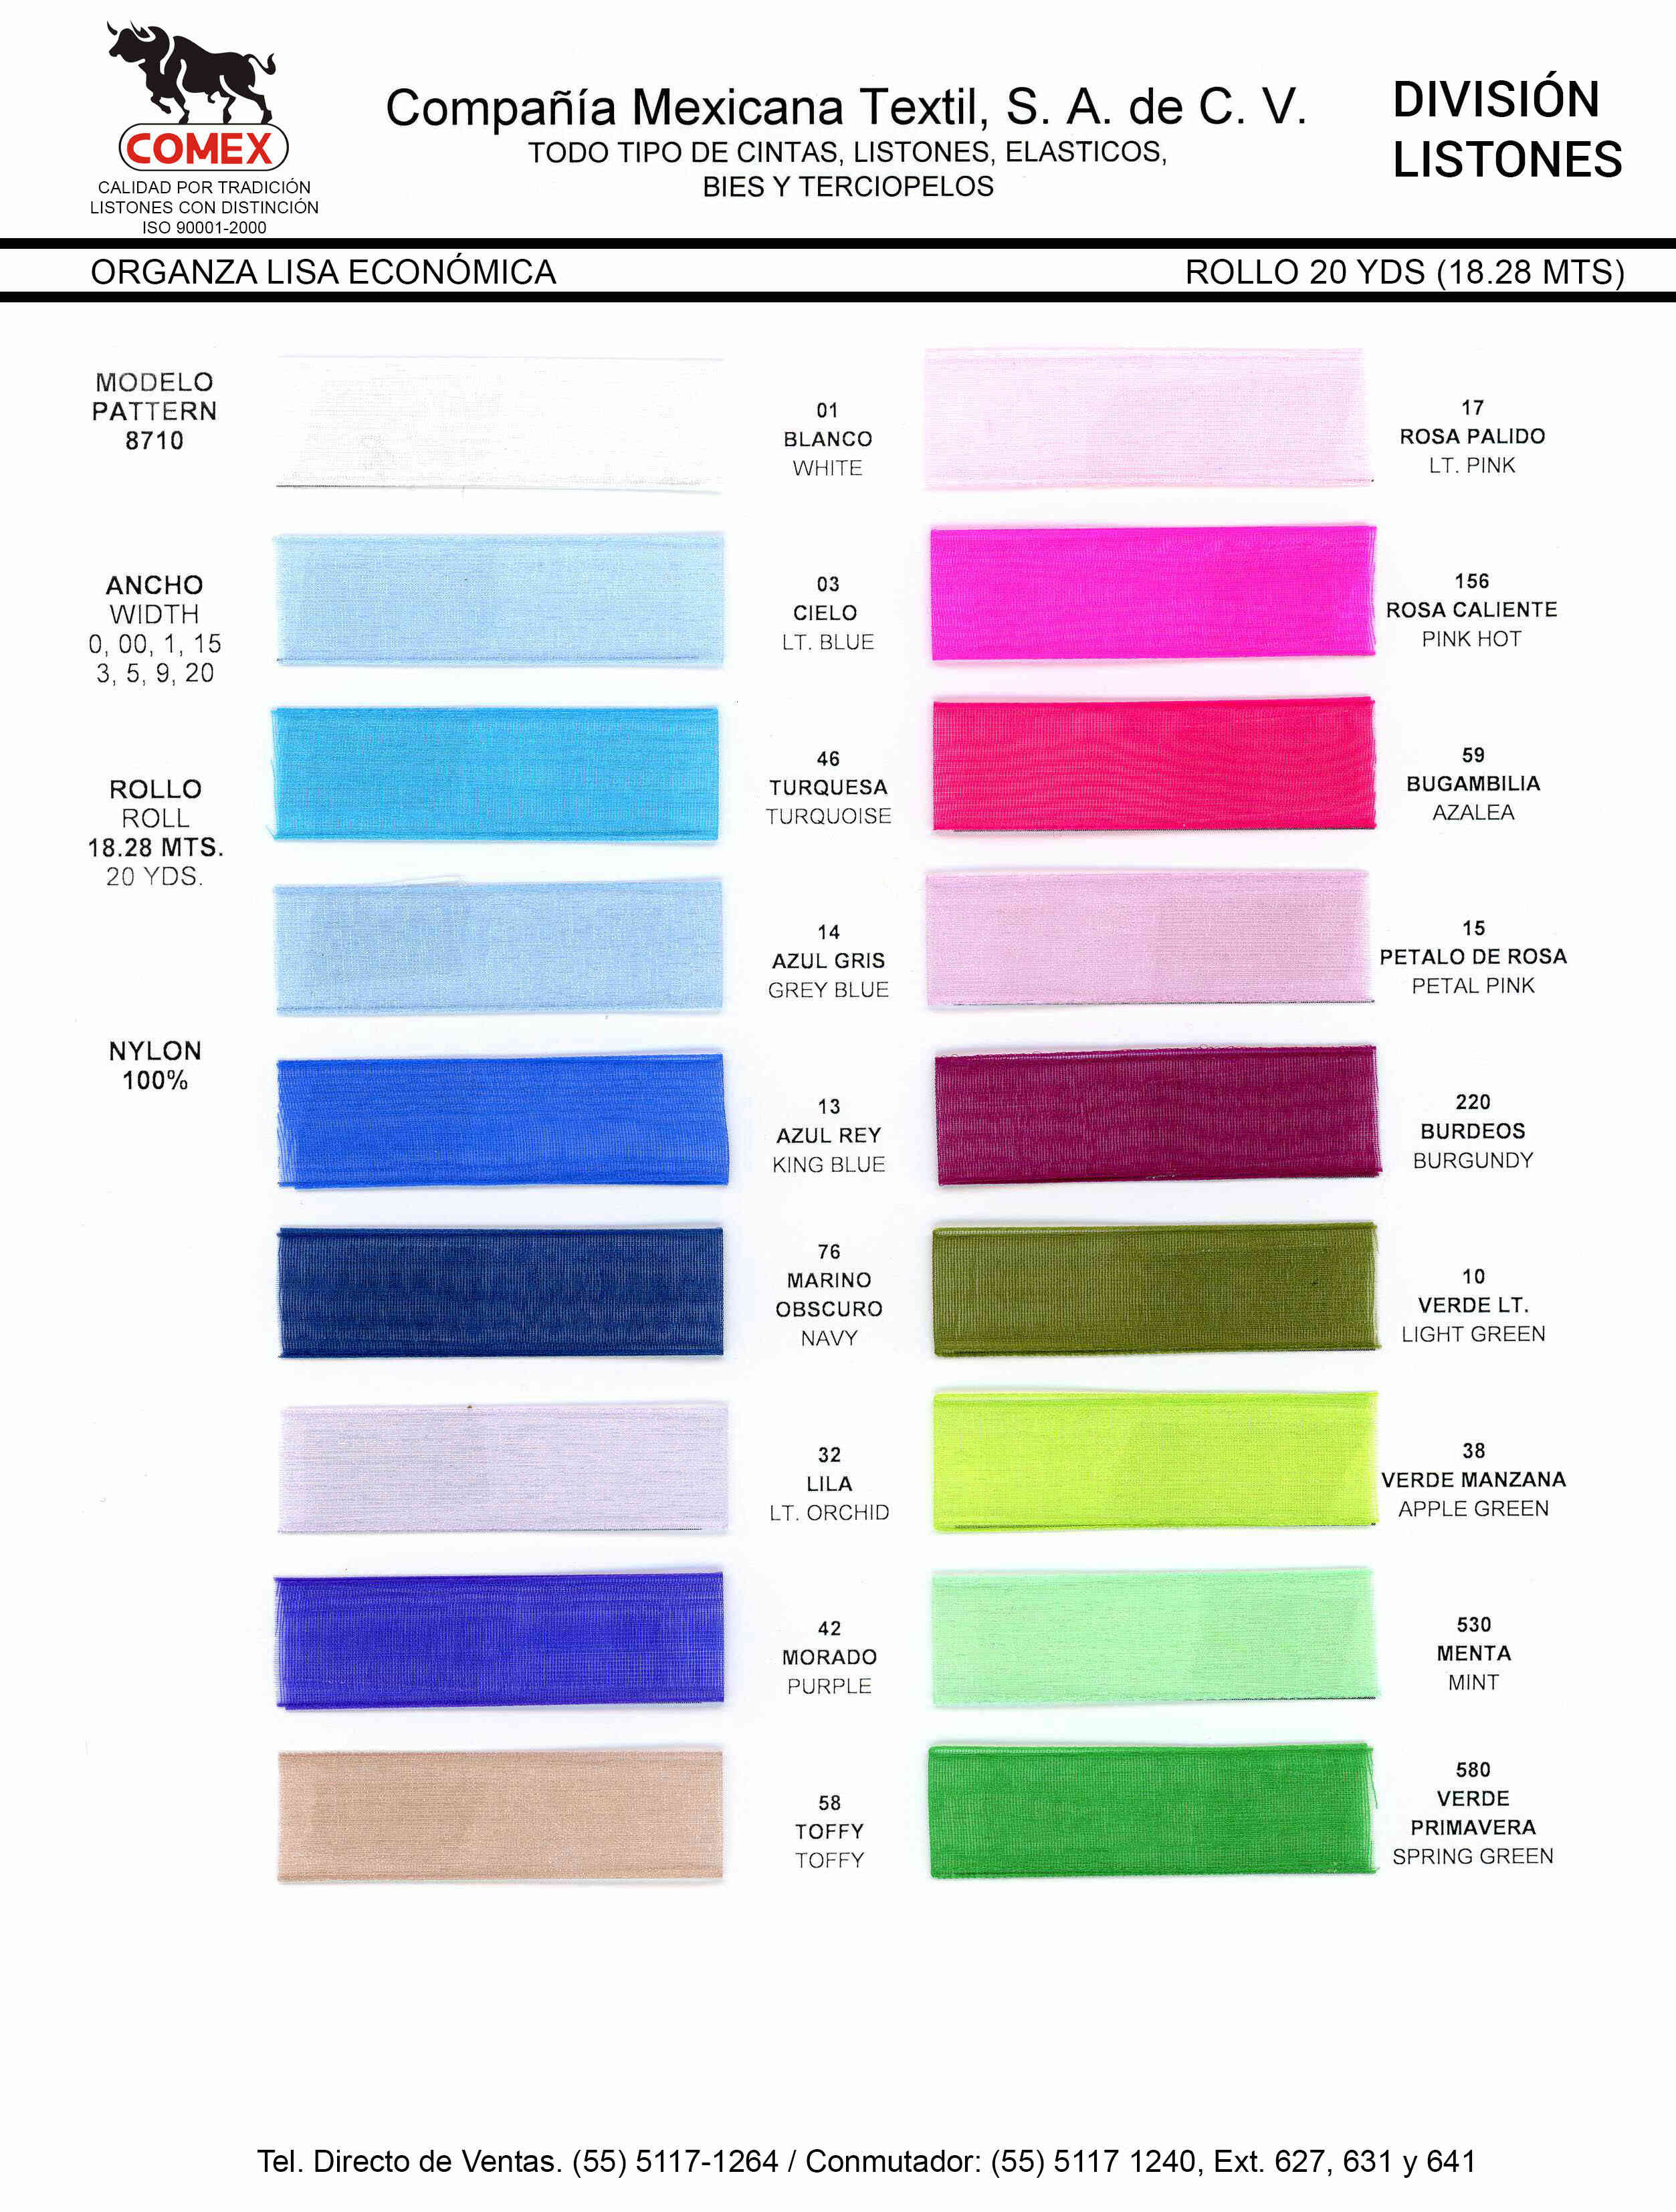 Anchos y Colores de Liston Mod.8710